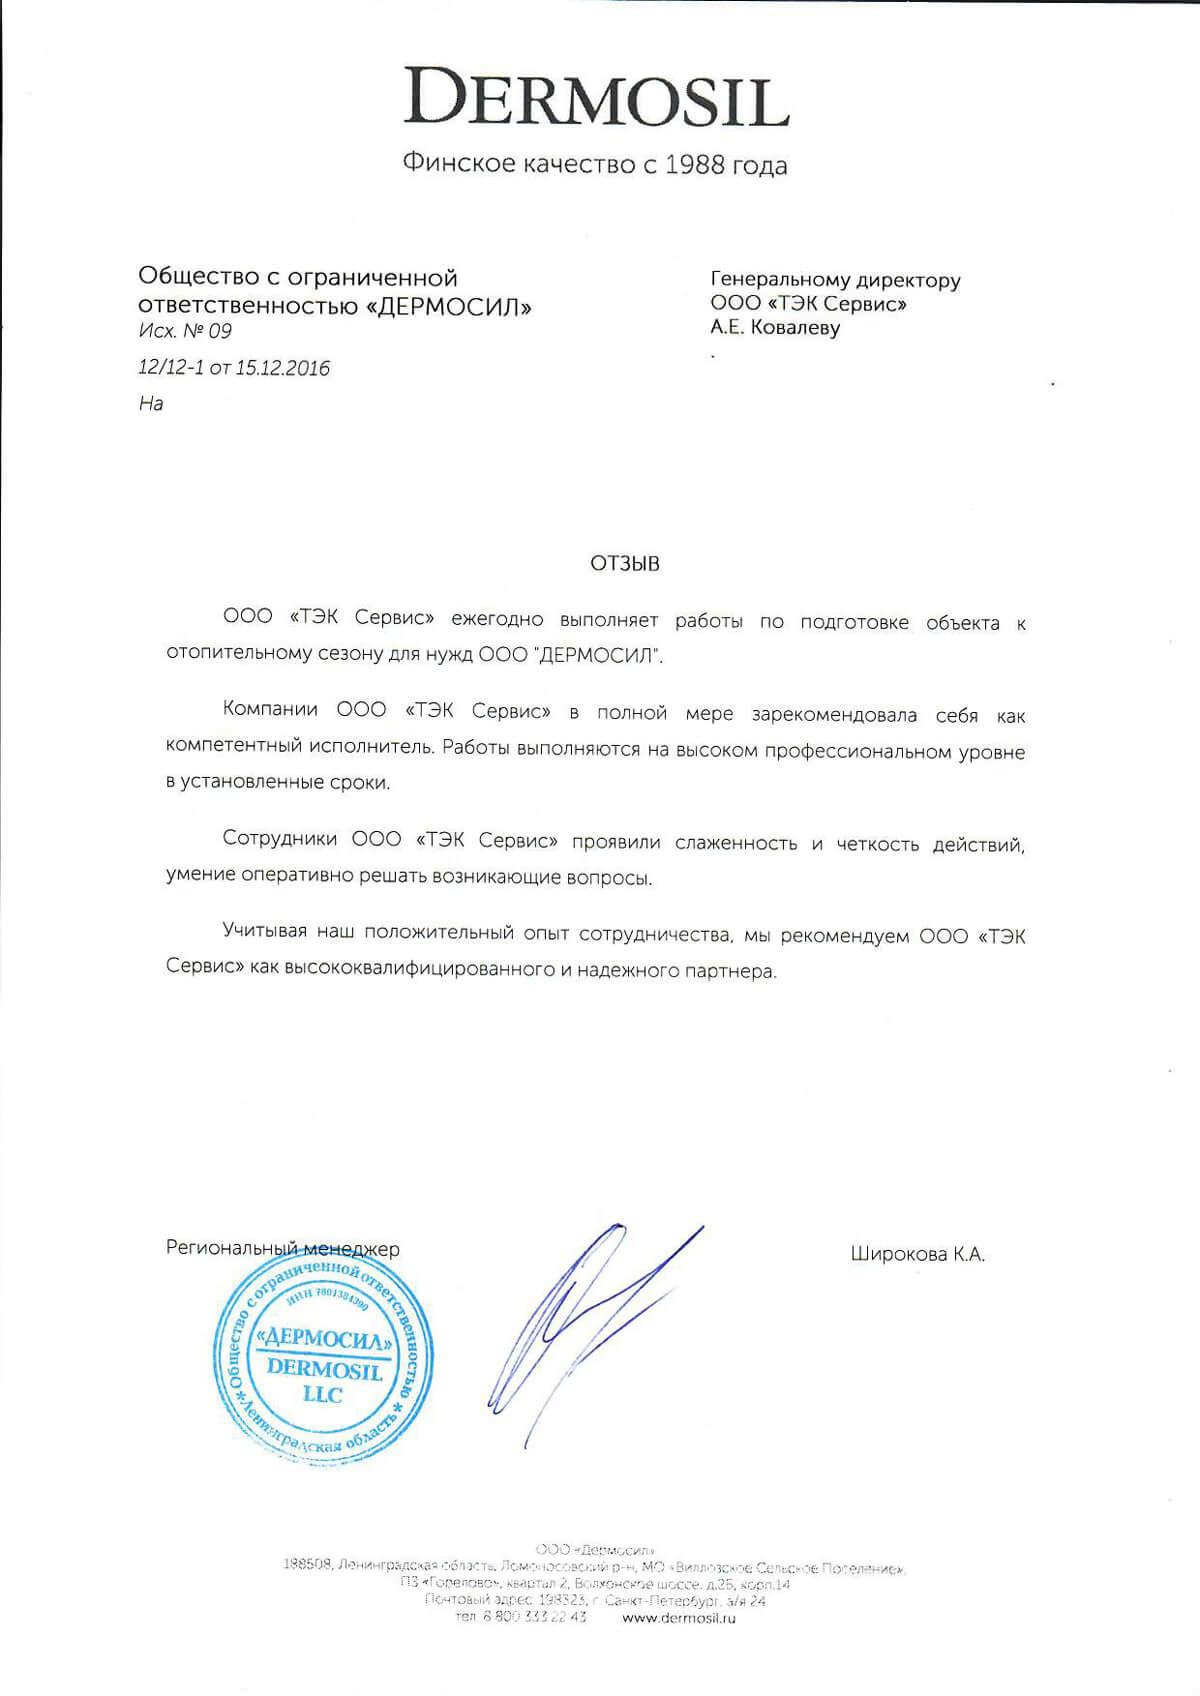 Отзыв о сотрудничестве с ТЭК-Сервис ООО Дермосил